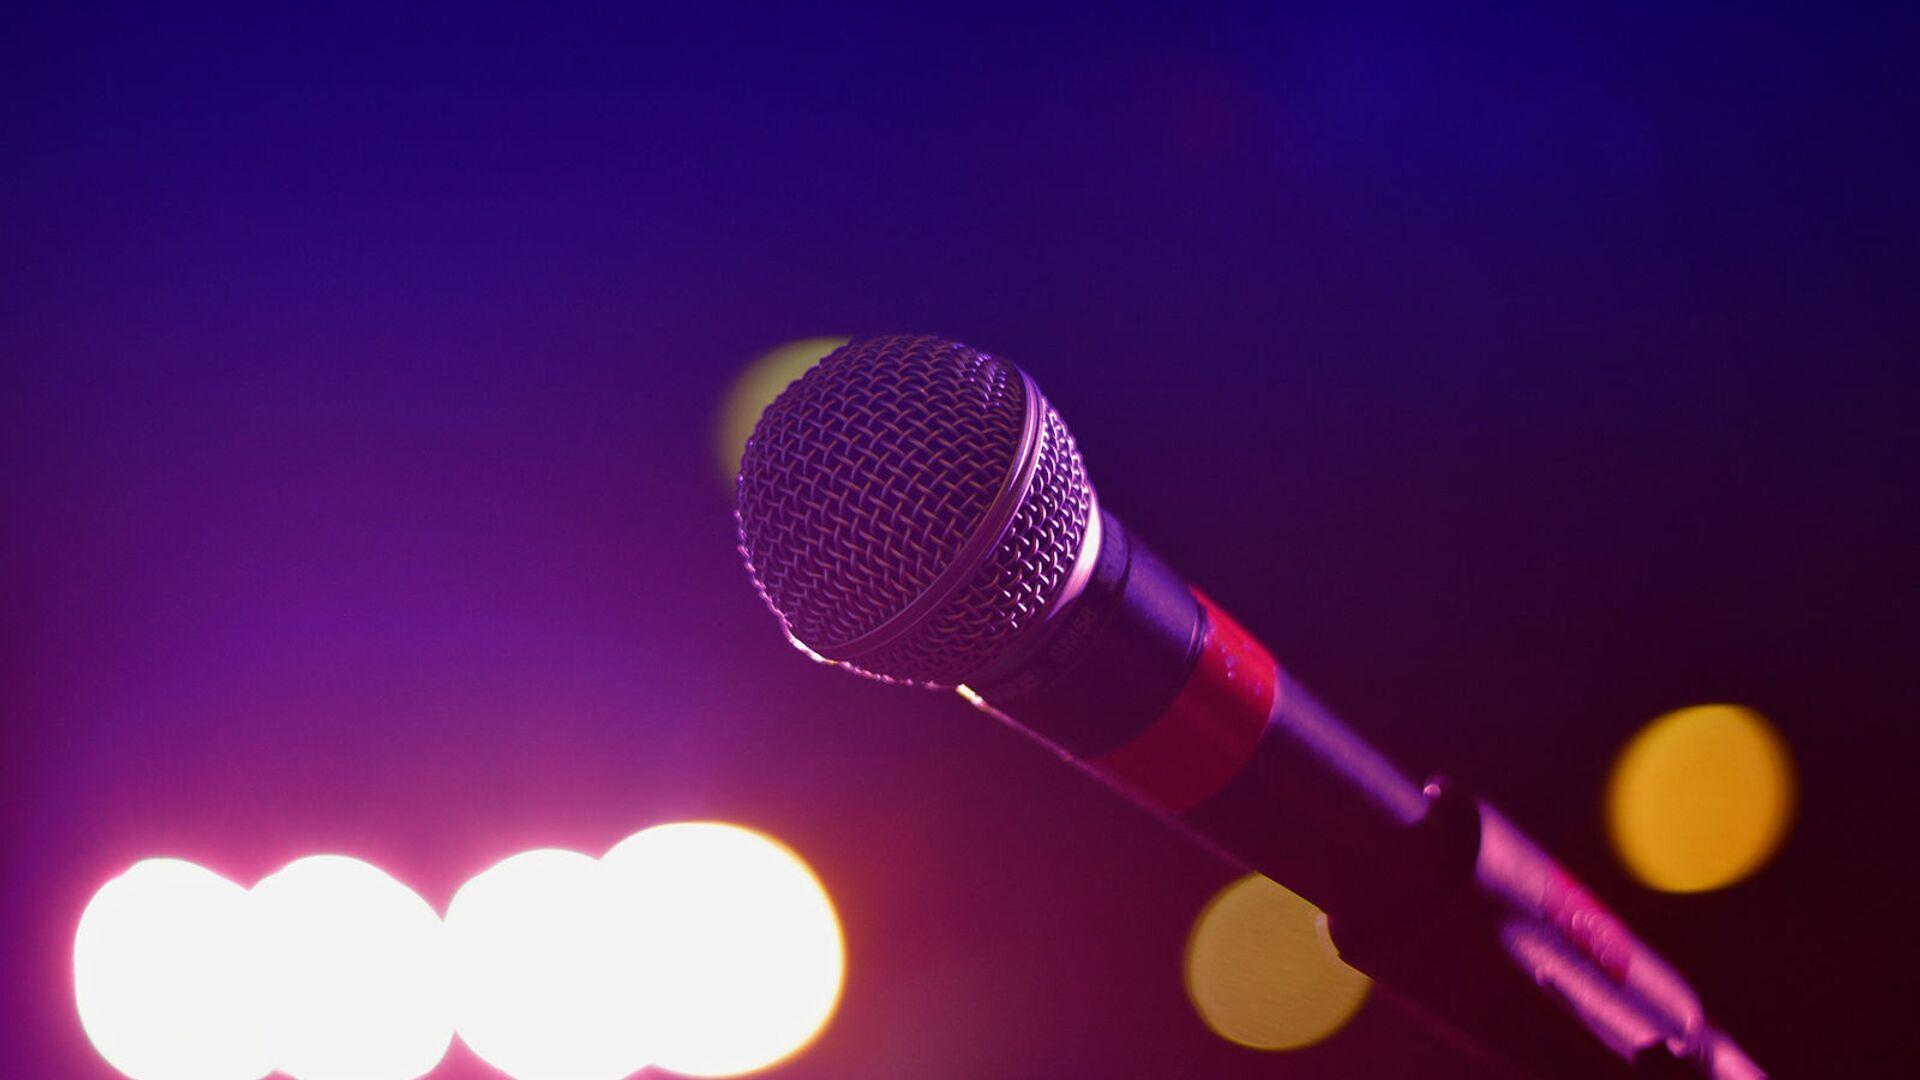 Микрофон на сцене - Sputnik Армения, 1920, 25.04.2021